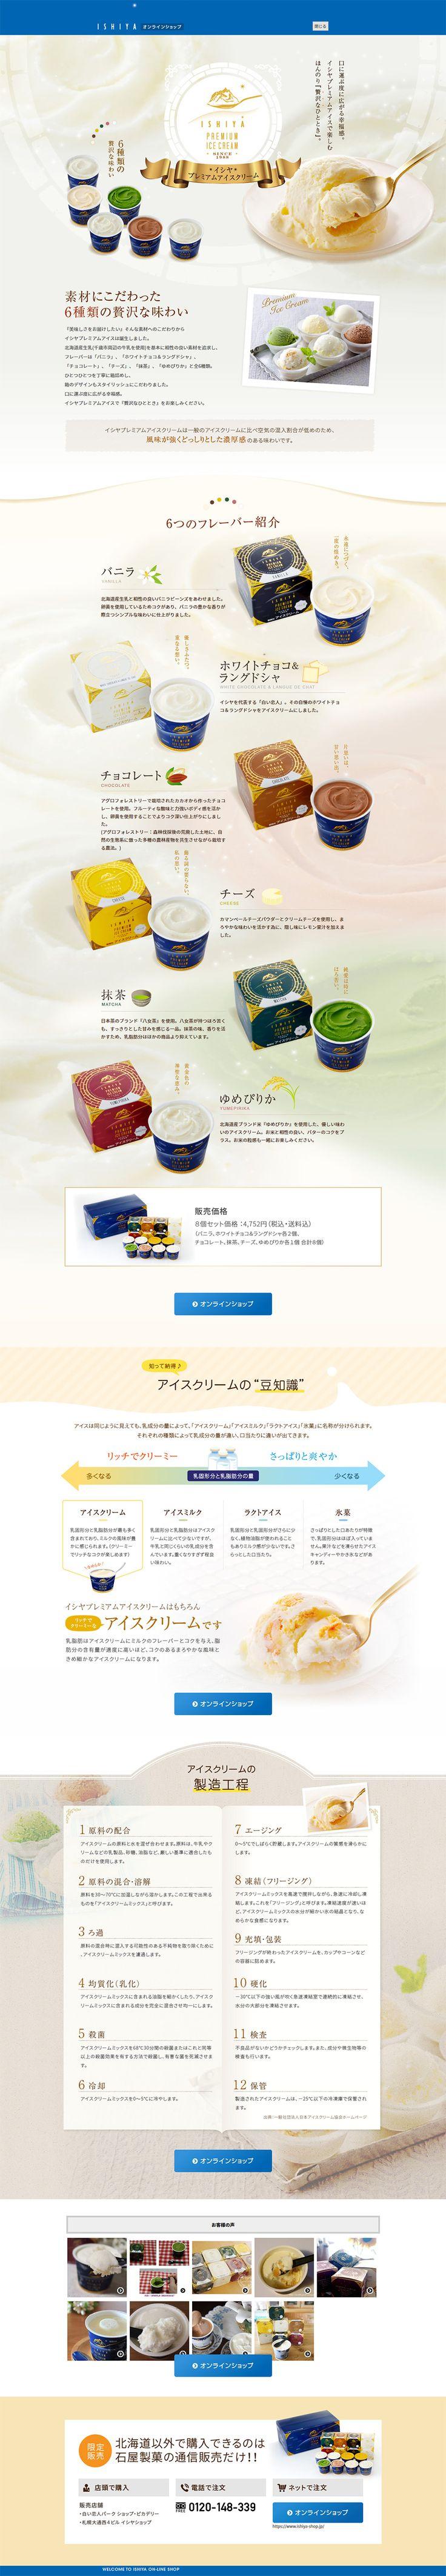 プレミアムアイスクリーム|WEBデザイナーさん必見!ランディングページのデザイン参考に(キレイ系)